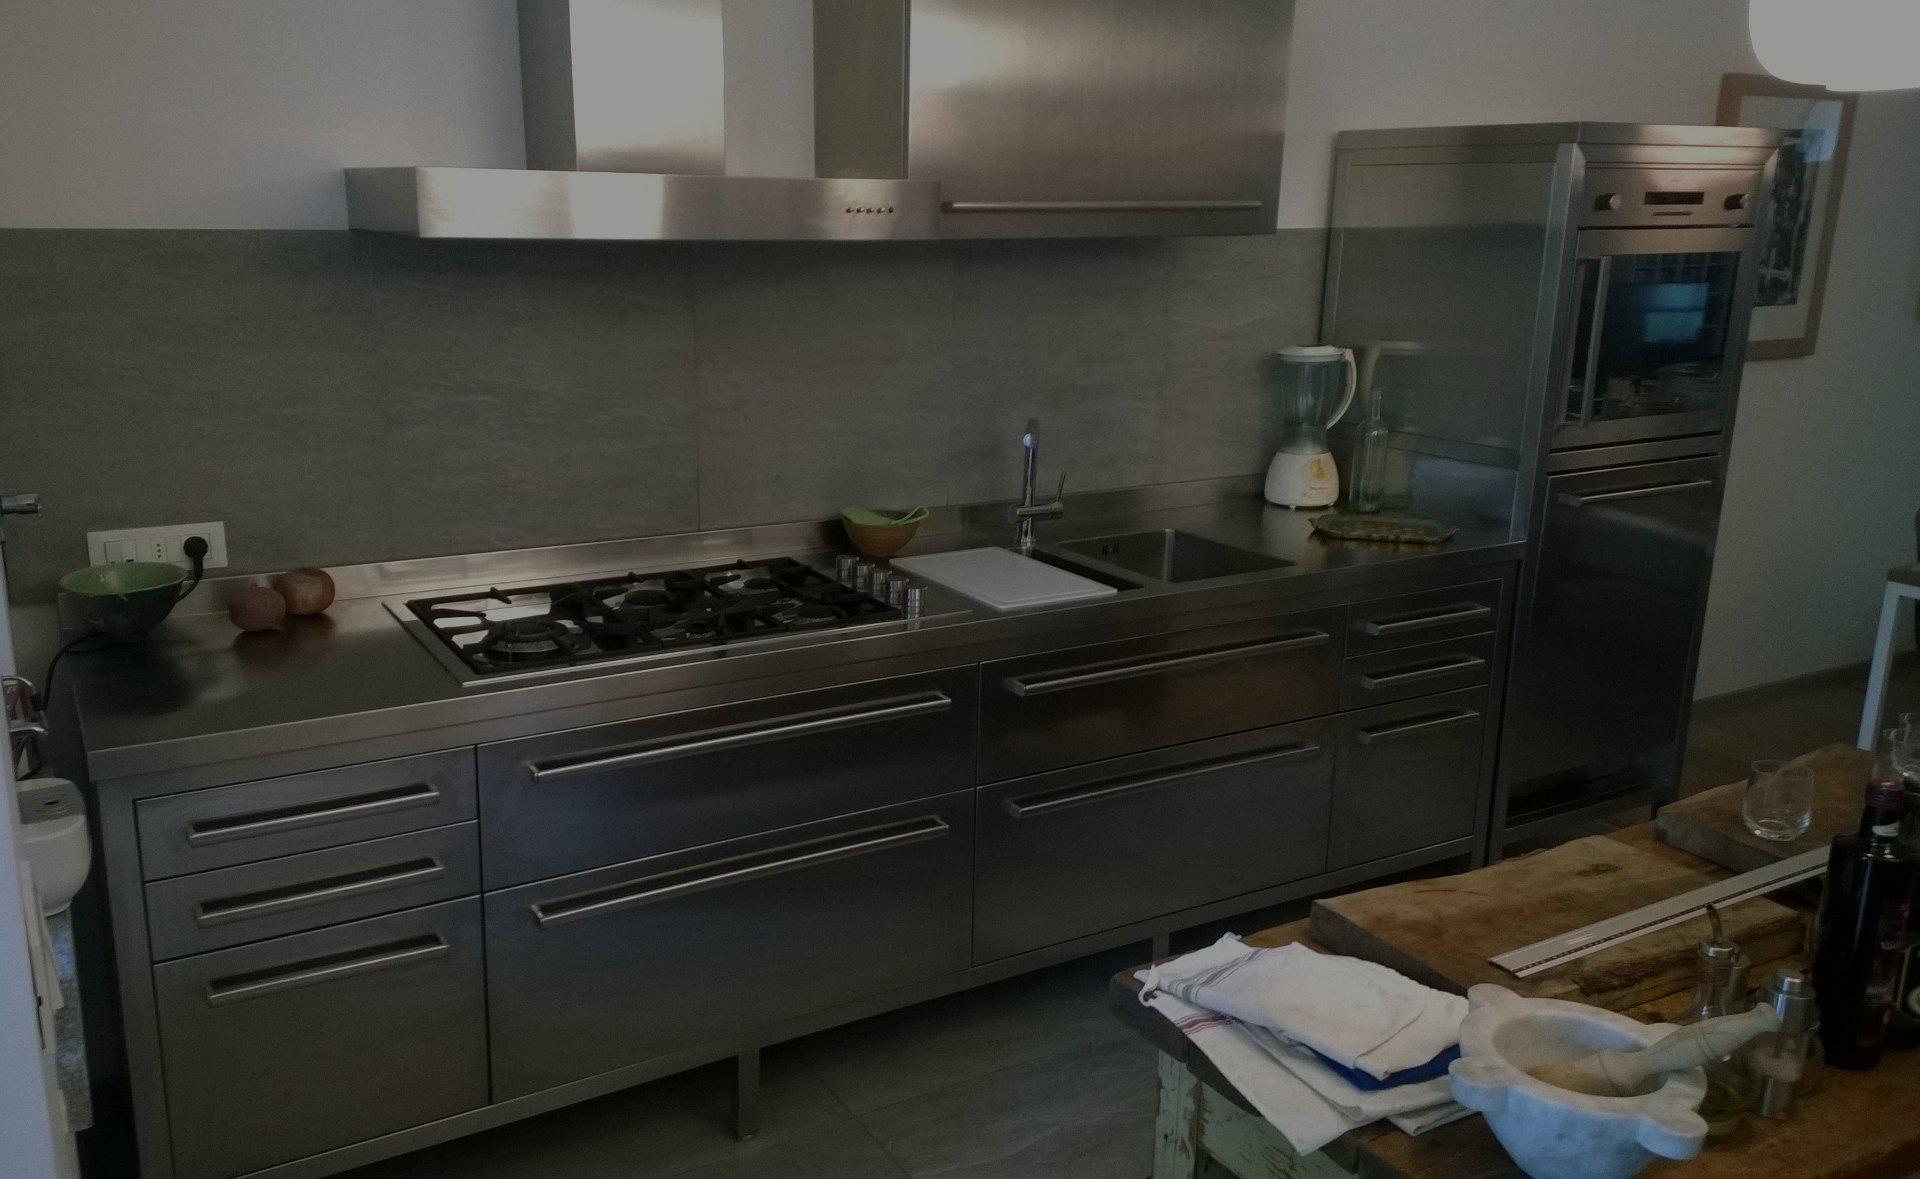 Cucine In Acciaio Componibili.Cucine Acciaio Inox Borlina Acciaio